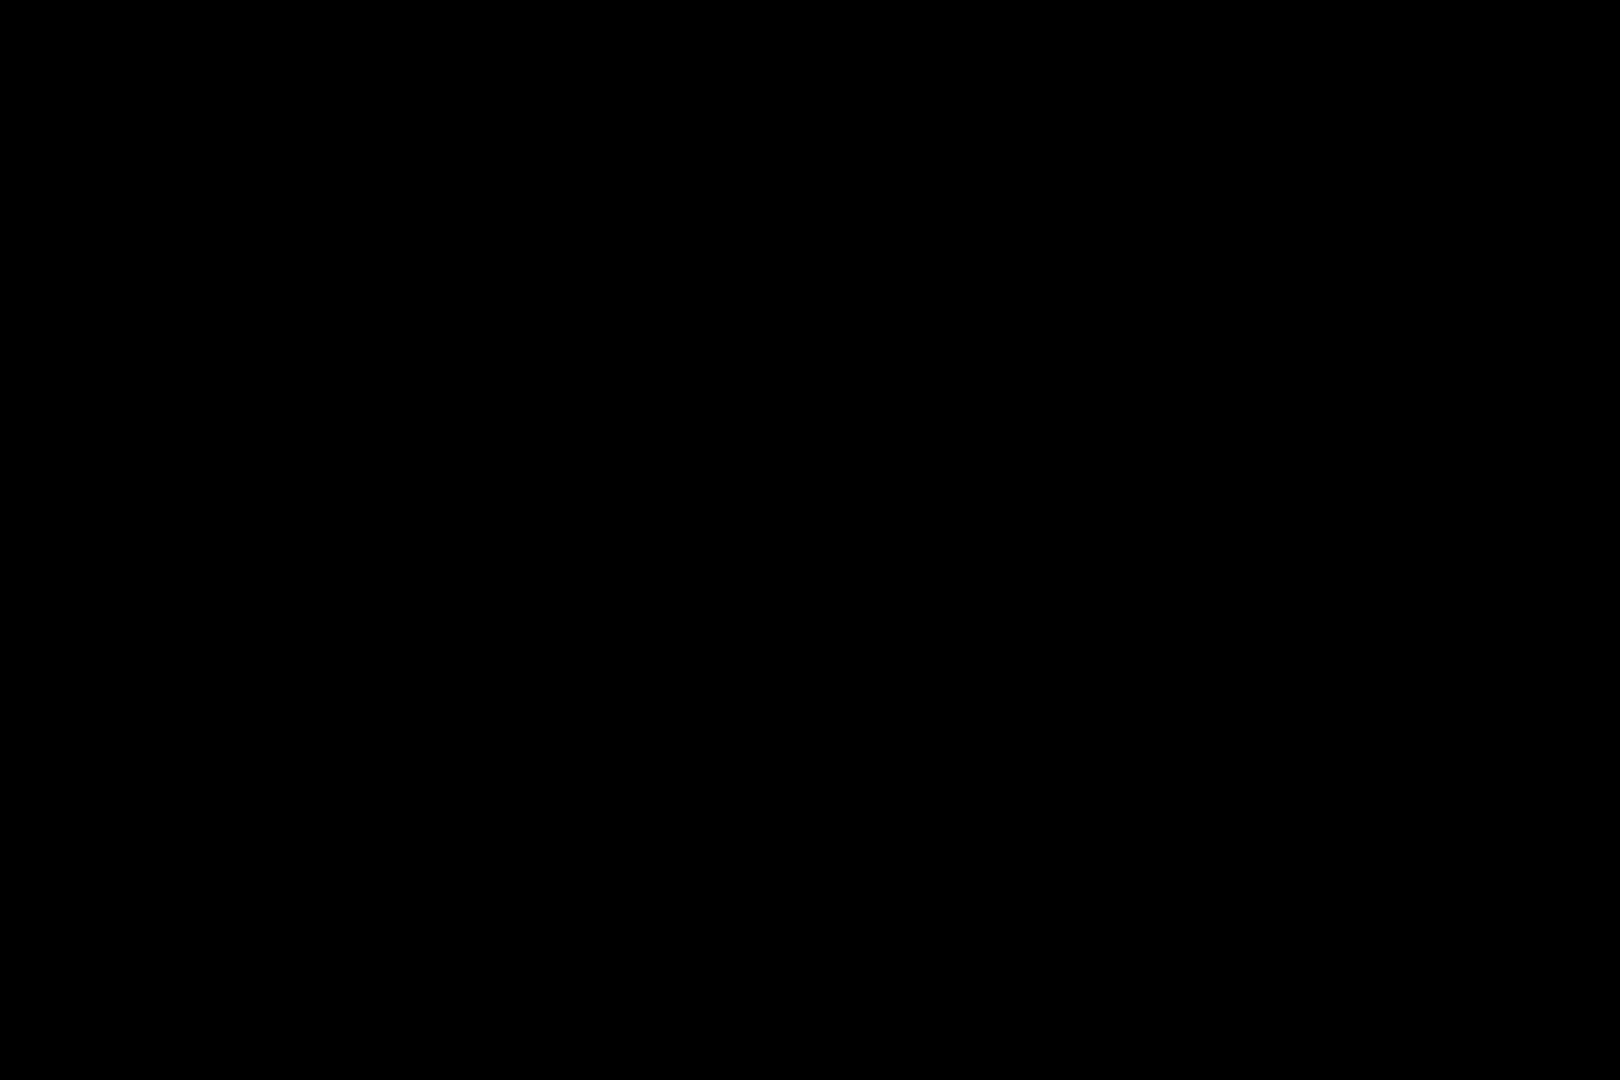 初めての撮影、涙の後には・・・~佳山玲子~ ハプニング | ローター  70pic 7